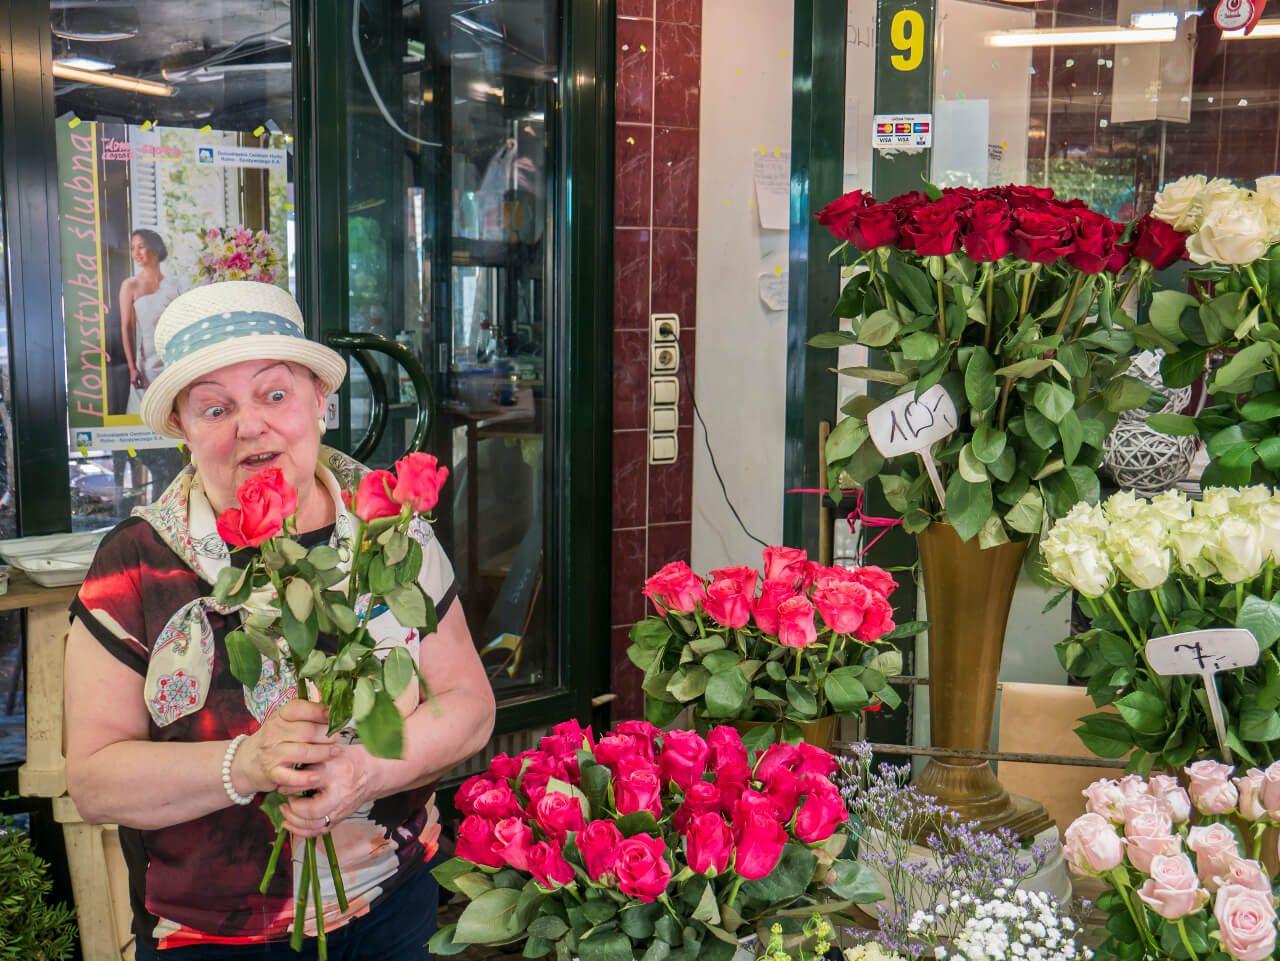 Kwiaciarka na stoisku nr 9 - Plac Solny we Wrocławiu